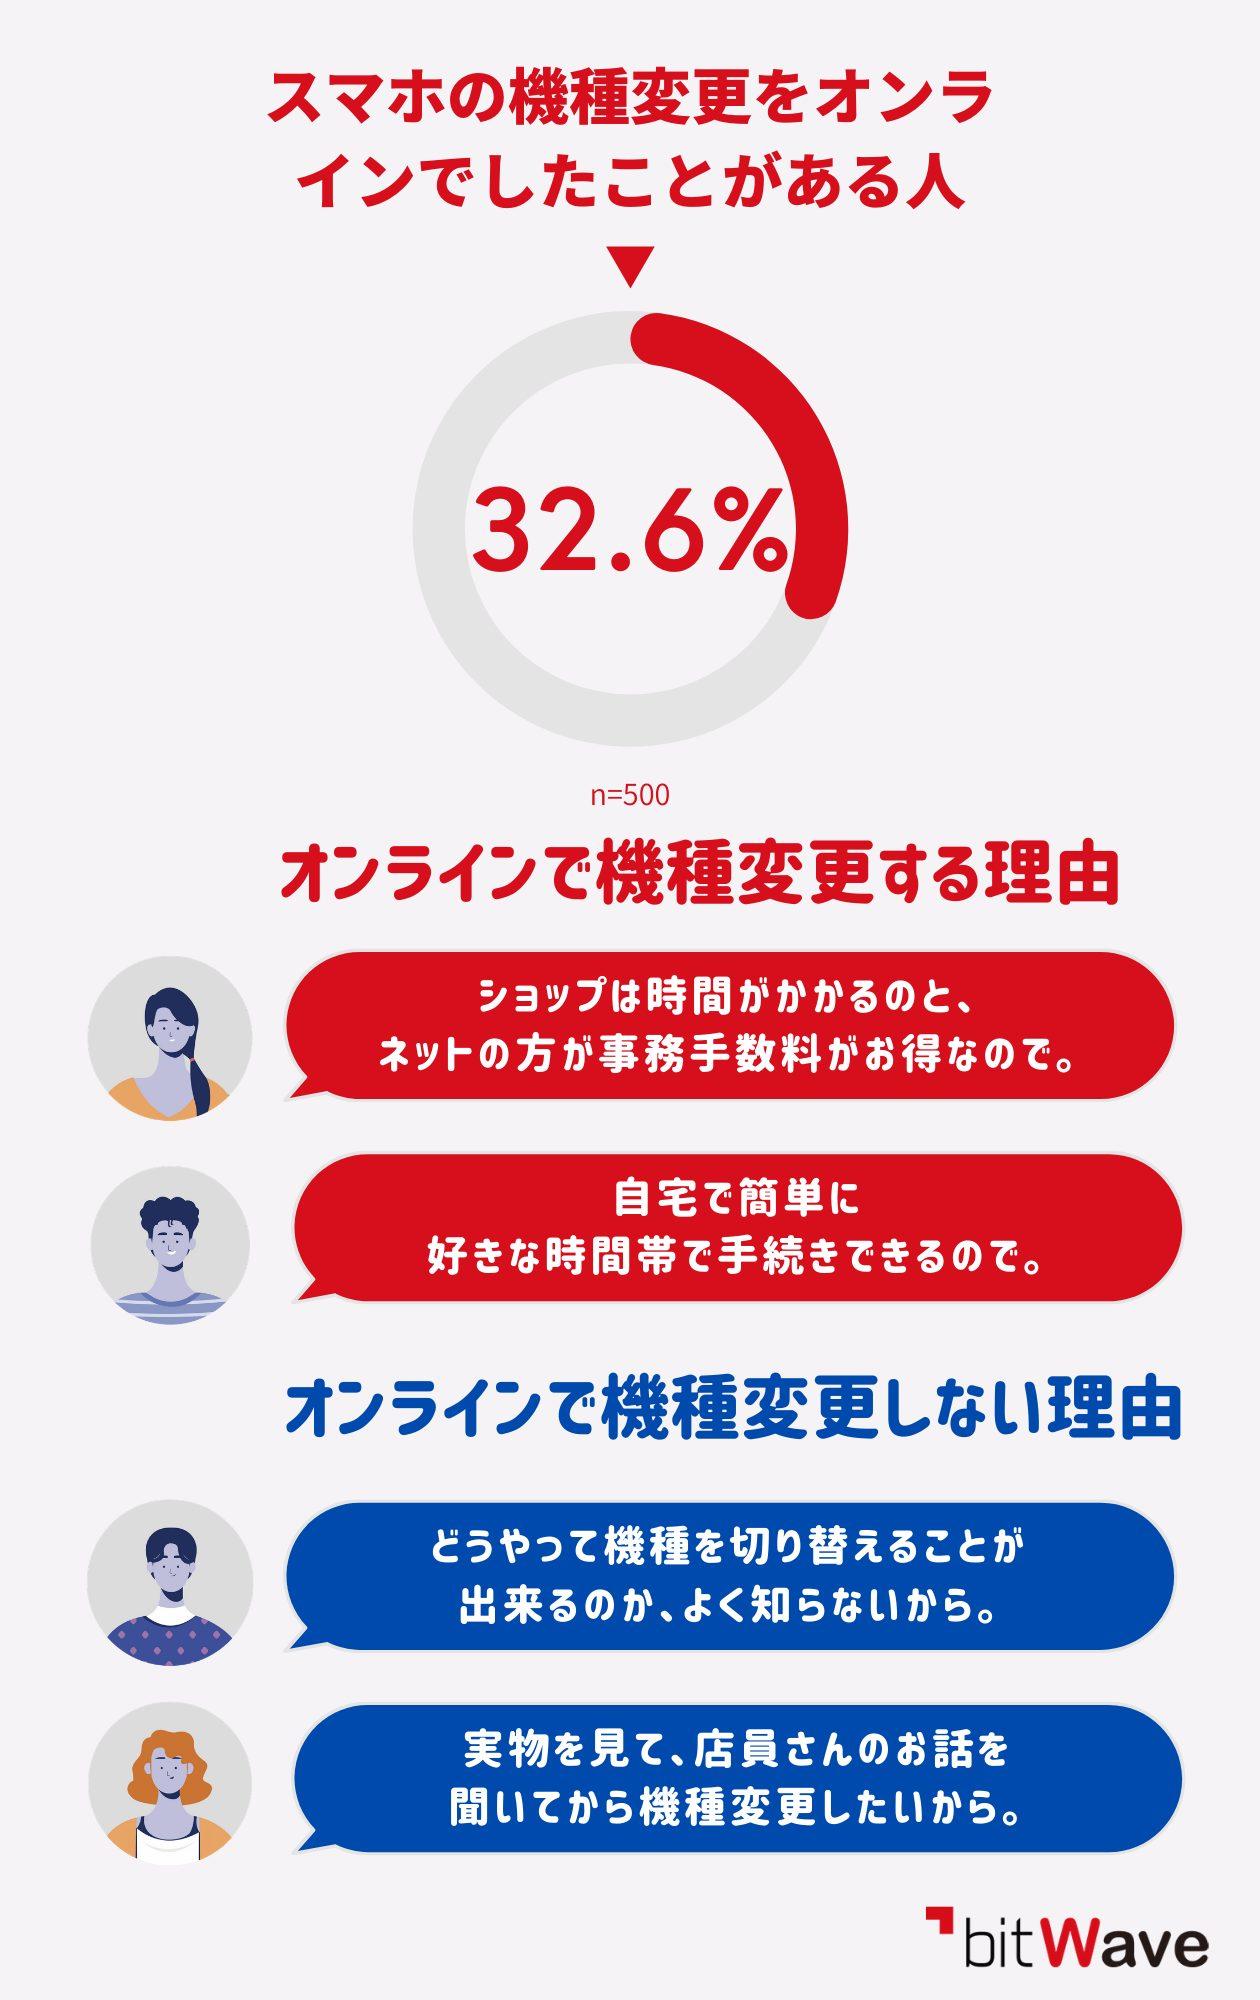 スマホの機種変更をオンラインで行っているユーザーの割合